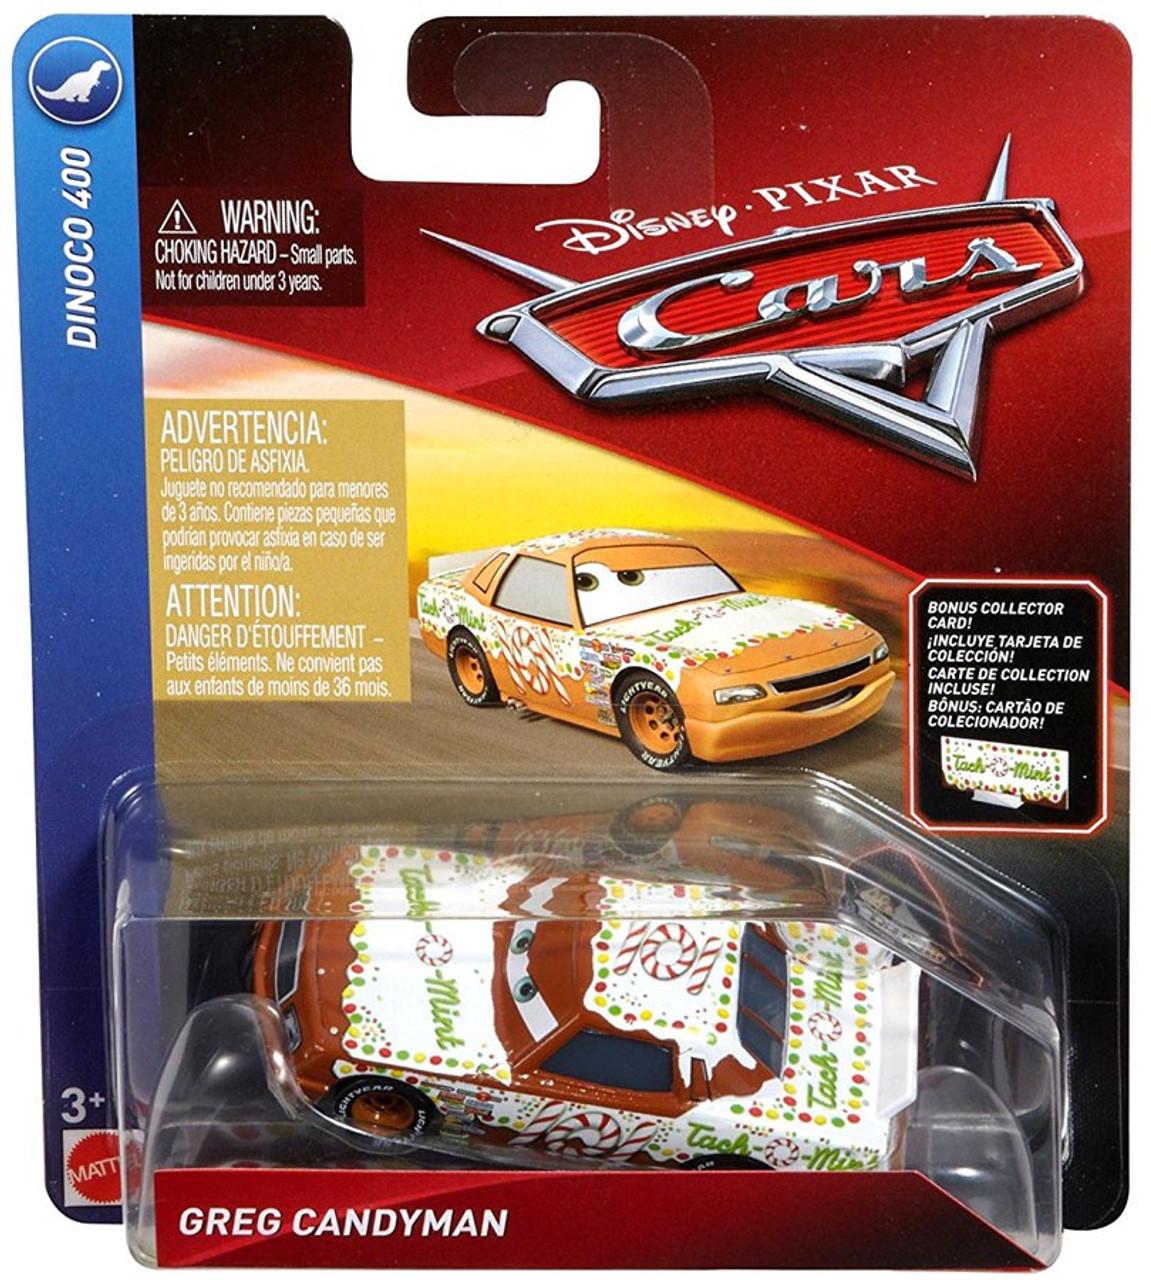 Disney Pixar Cars Cars 3 Dinoco 400 Greg Candyman 155 Diecast Car